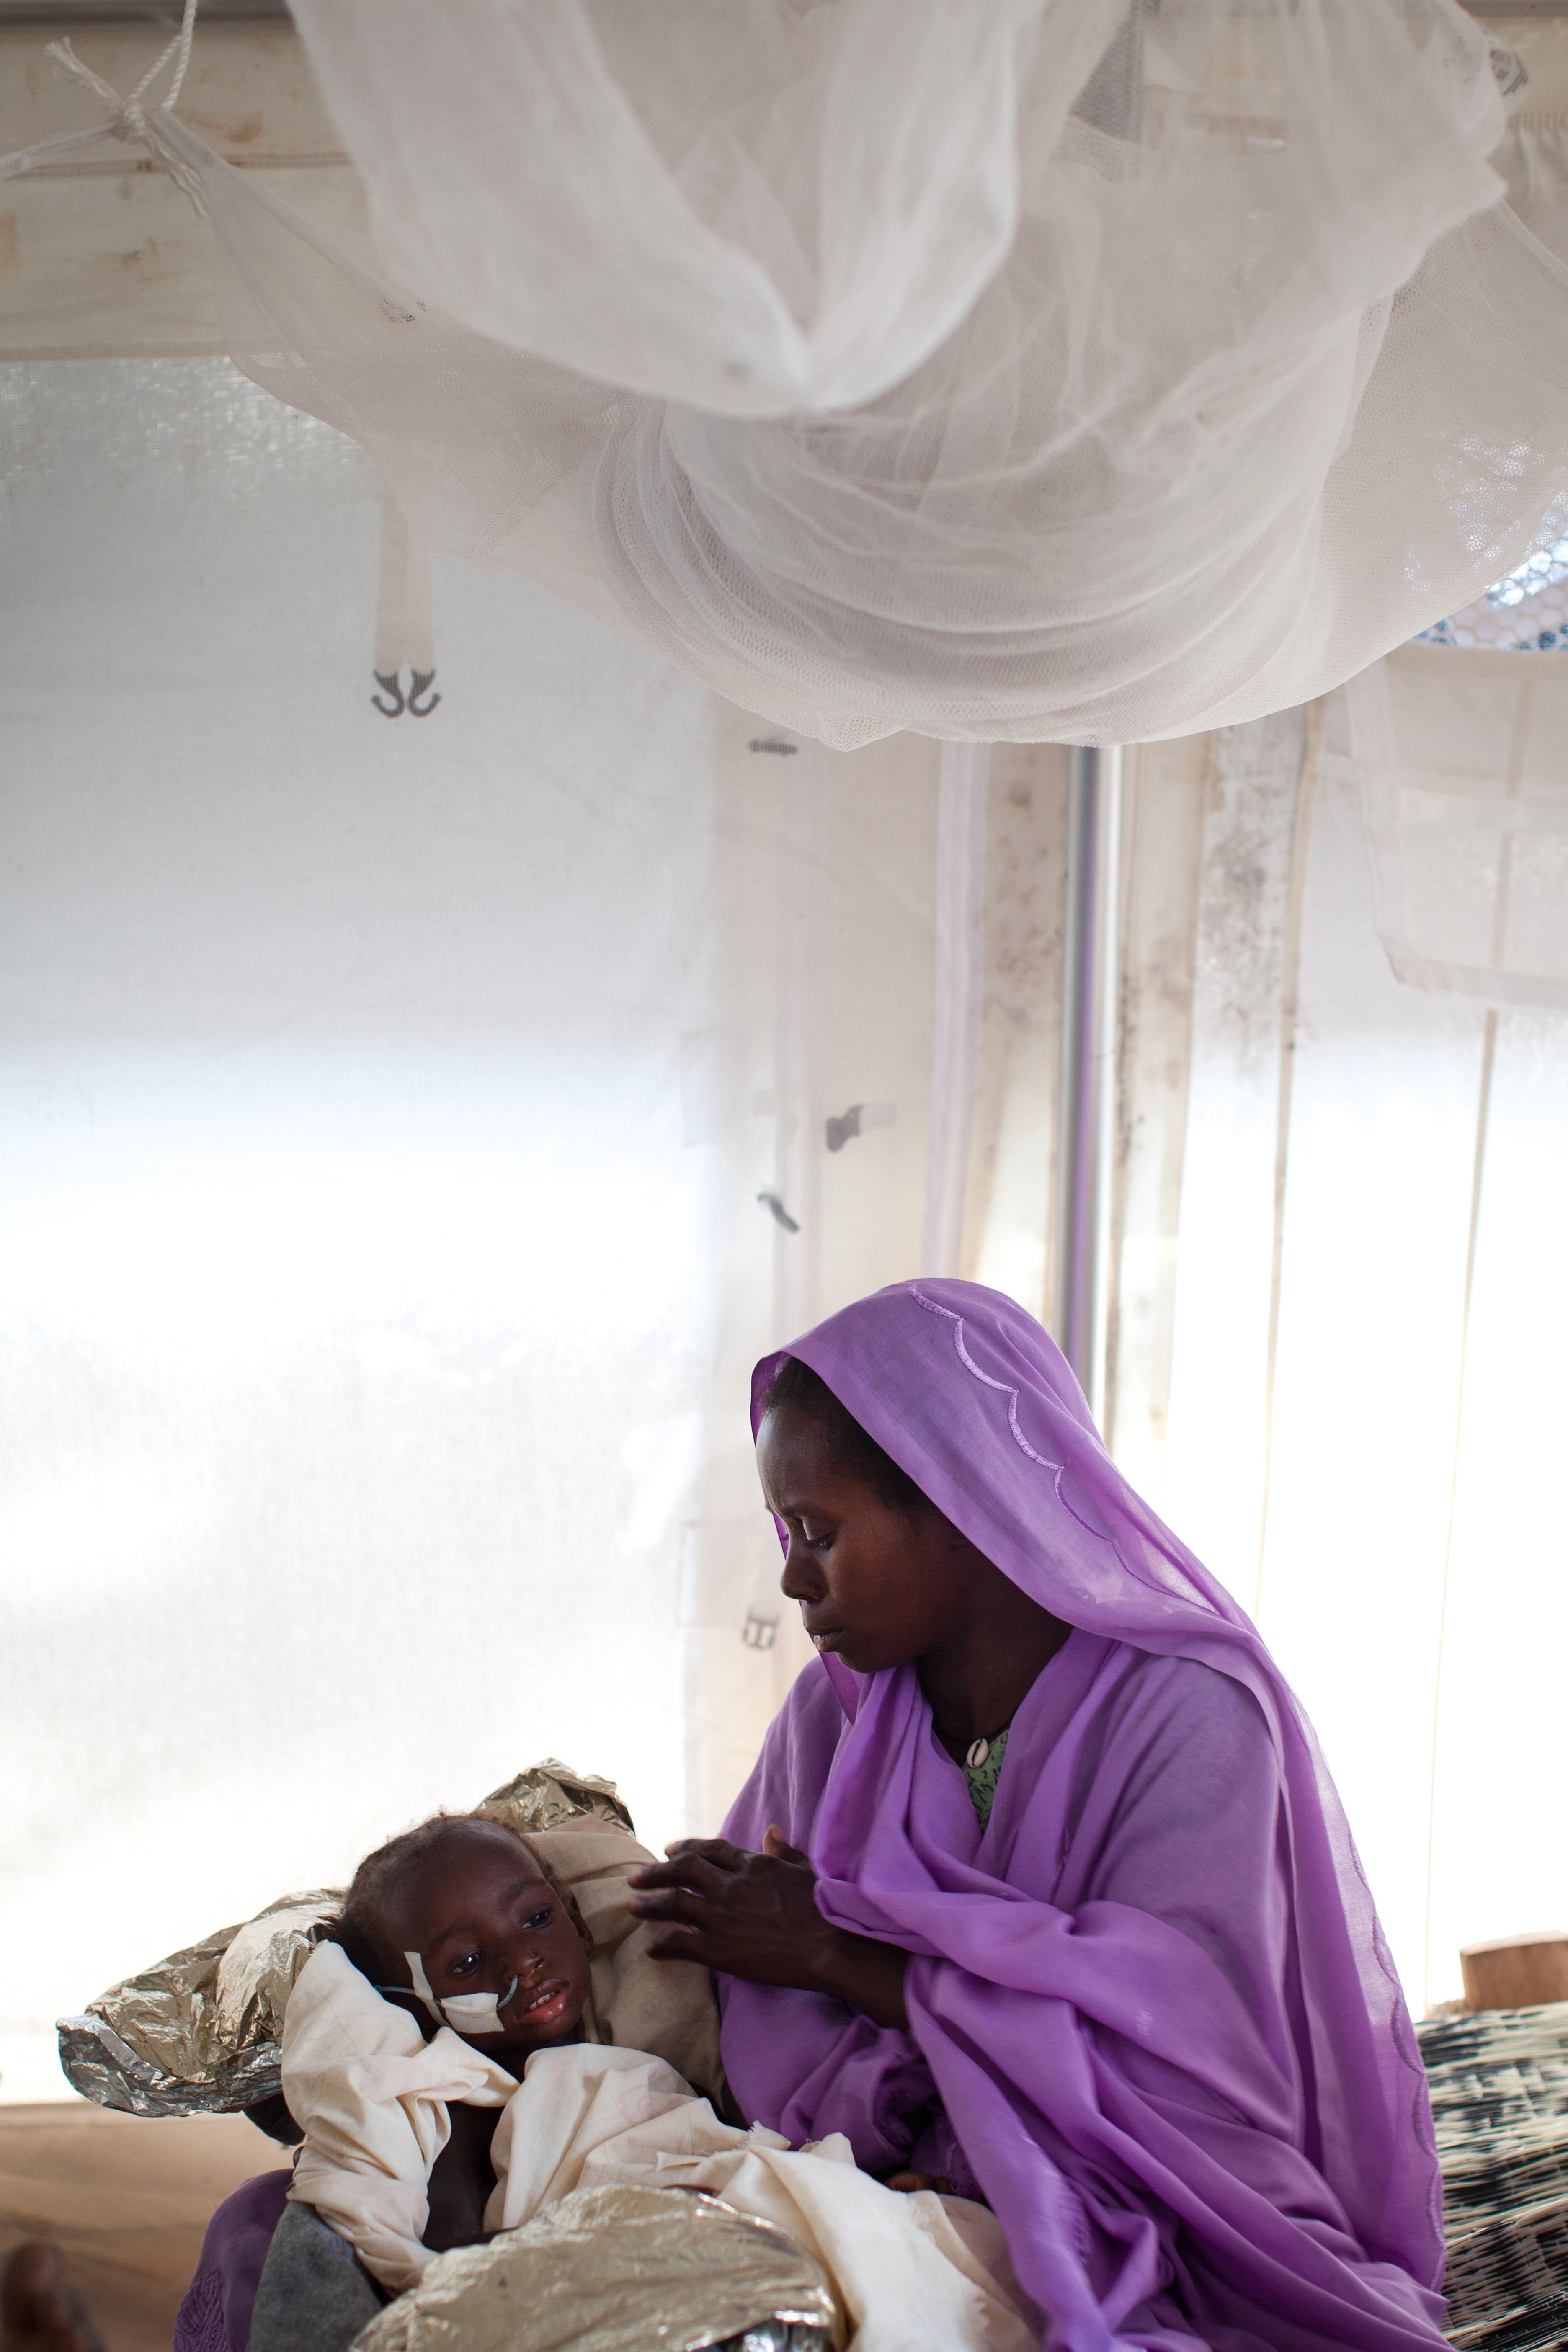 أم تراعي ابنتها المريضة في مستشفى بالسودان